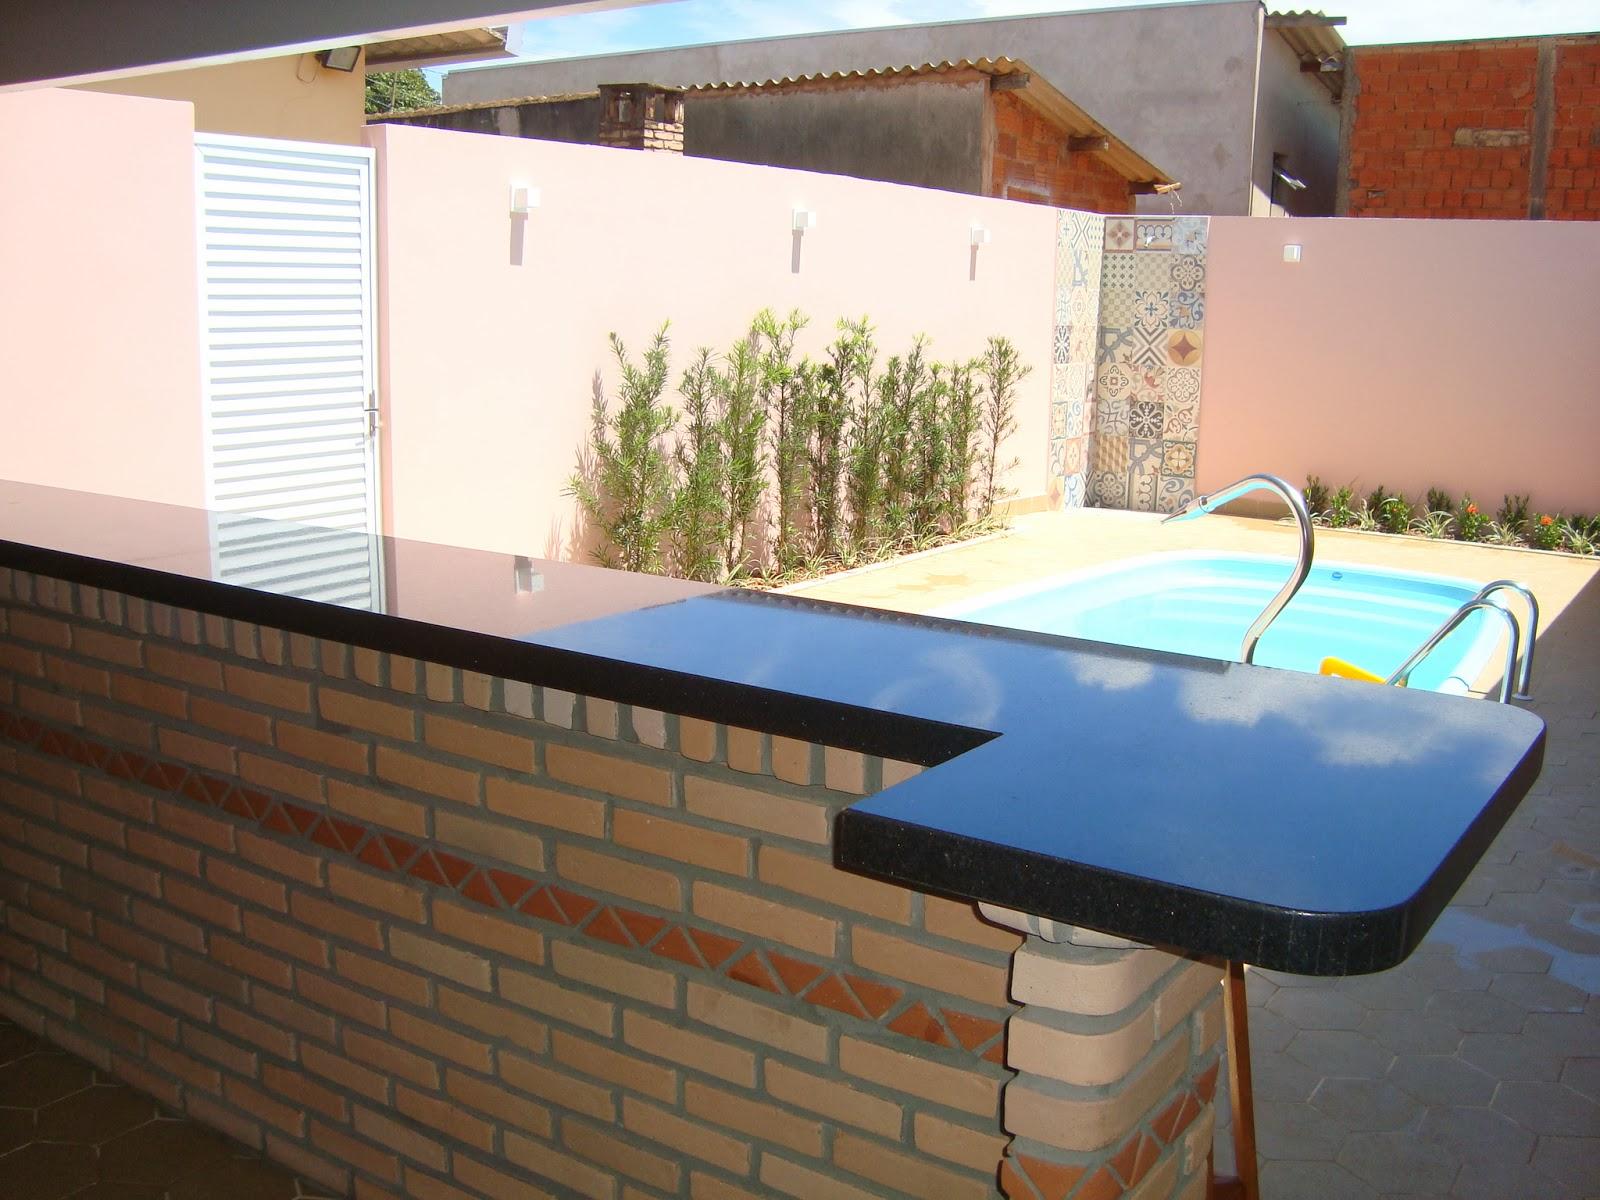 Imagens de #8F633C Essa é a vista de dentro do balcão da churrasqueira! 1600x1200 px 3372 Bloco Cad Pia Banheiro Vista